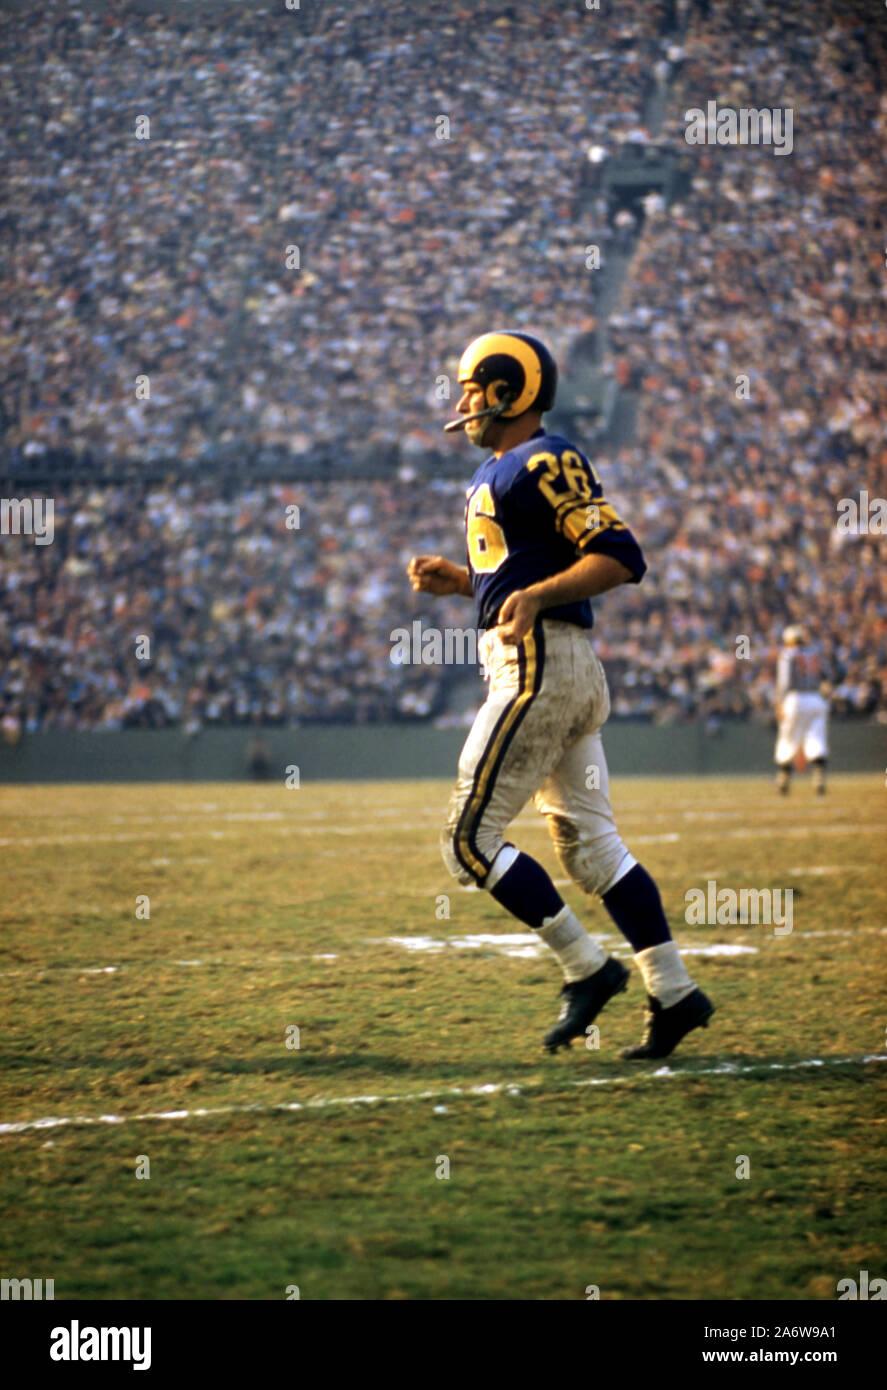 LOS ANGELES, CA - 10 de noviembre: Jon Arnett #26 de Los Angeles Rams se ejecuta fuera del campo durante un partido de la NFL en contra de los 49ers de San Francisco, el 10 de noviembre de 1957 en el Los Angeles Memorial Coliseum en Los Angeles, California. (Foto por Hy Peskin) Foto de stock